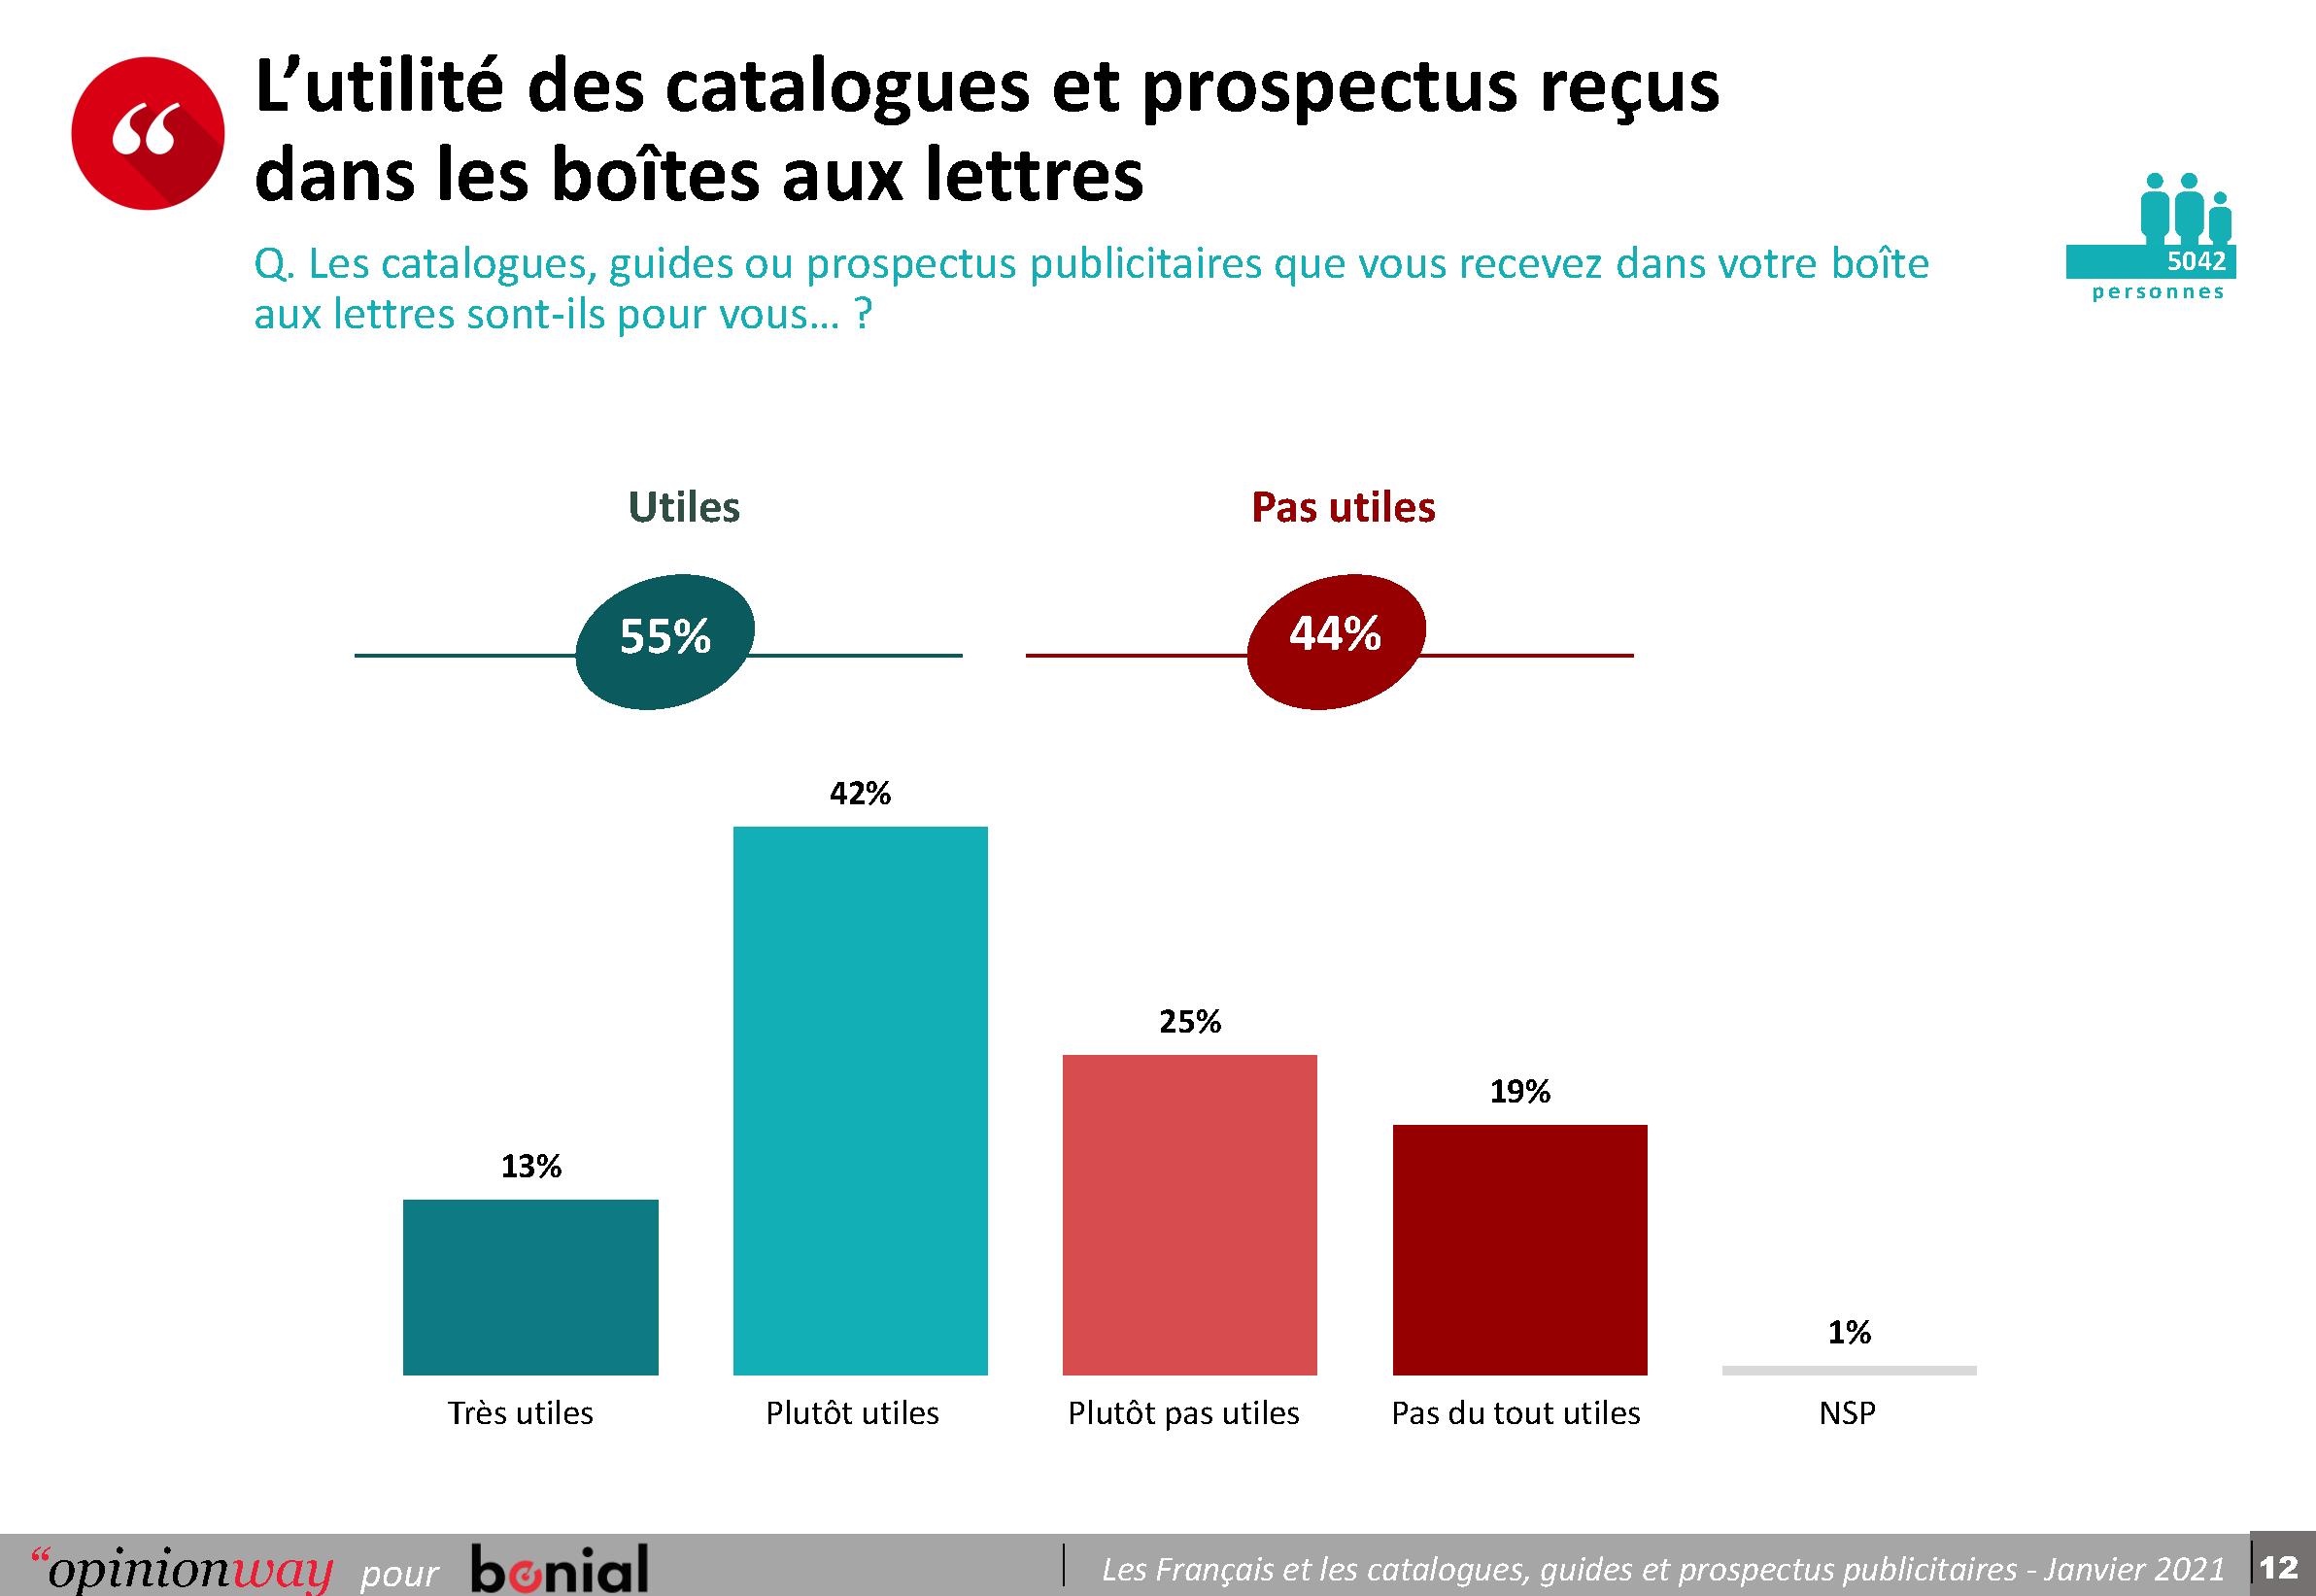 Copie de Opinionway pour Bonial - Les Français et les catalogues, guides et prospectus publicitaires - Janvier 2021_Page_12-png